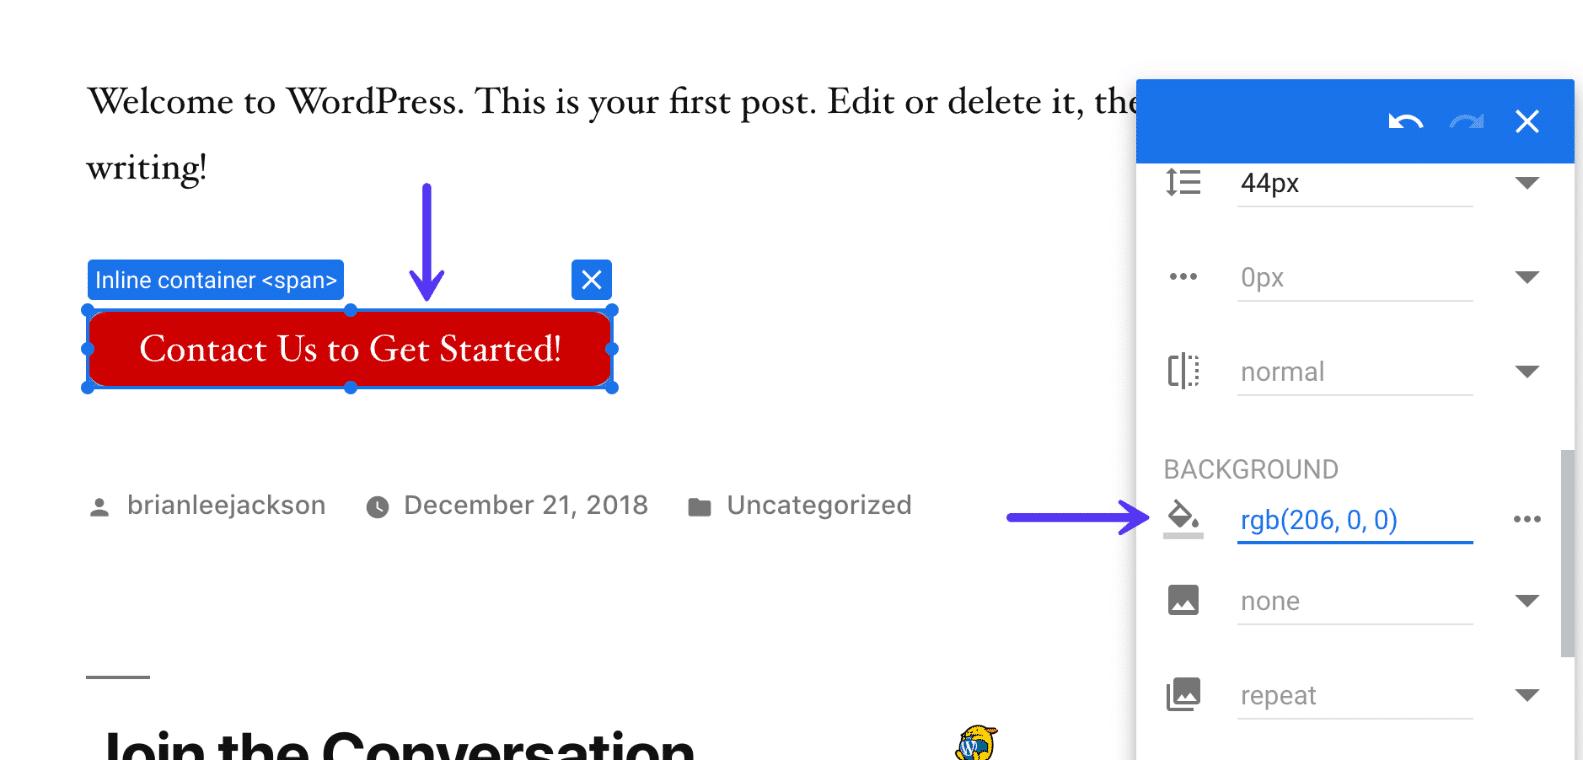 Changer la couleur des boutons dans Google Optimize